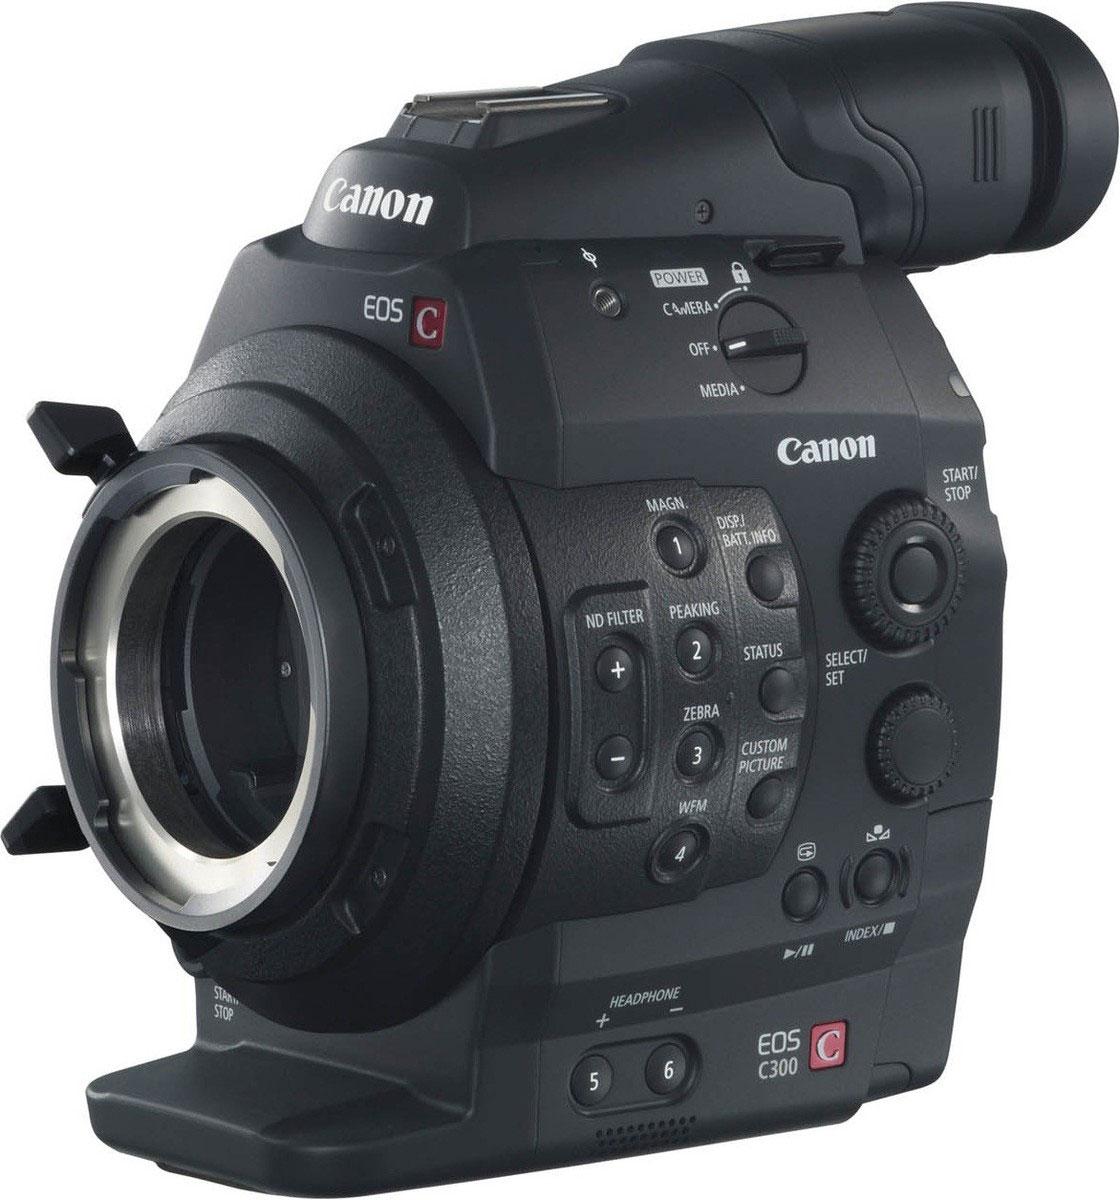 Canon EOS C300 PL цифровая кинокамераEOS-C300-PLПрофессиональная камера Canon EOS C300 PL сочетает в себе надежную технологию видеосъемки и богатейший опыт в создании и использовании объективов с творческим подходом Canon. Сменные объективы дают ни с чем не сравнимую свободу для того, чтобы рассказать любую историю. Матрица CMOS Super 35-мм 8,3 МП, разработанная и произведенная компанией Canon специально для видеосъемки, позволяет осуществлять 3-цветную RGB обработку для записи в формате Full HD. Технология матрицы Canon позволяет создавать изображения в высоком разрешении, с низким уровнем шумов, с уменьшенной вероятностью возникновения дефекта запаздывания изображения (rolling shatter) и низким энергопотреблением. Она также дает обычные преимуществами большой матрицы, к которым относится красивая съемка с малой глубиной резкости. PL-крепление камеры EOS C300 отвечает стандартам, принятым в отрасли. Оно совместимо с множеством взаимозаменяемых объективов, уже используемых в профессиональном кинопроизводстве,...